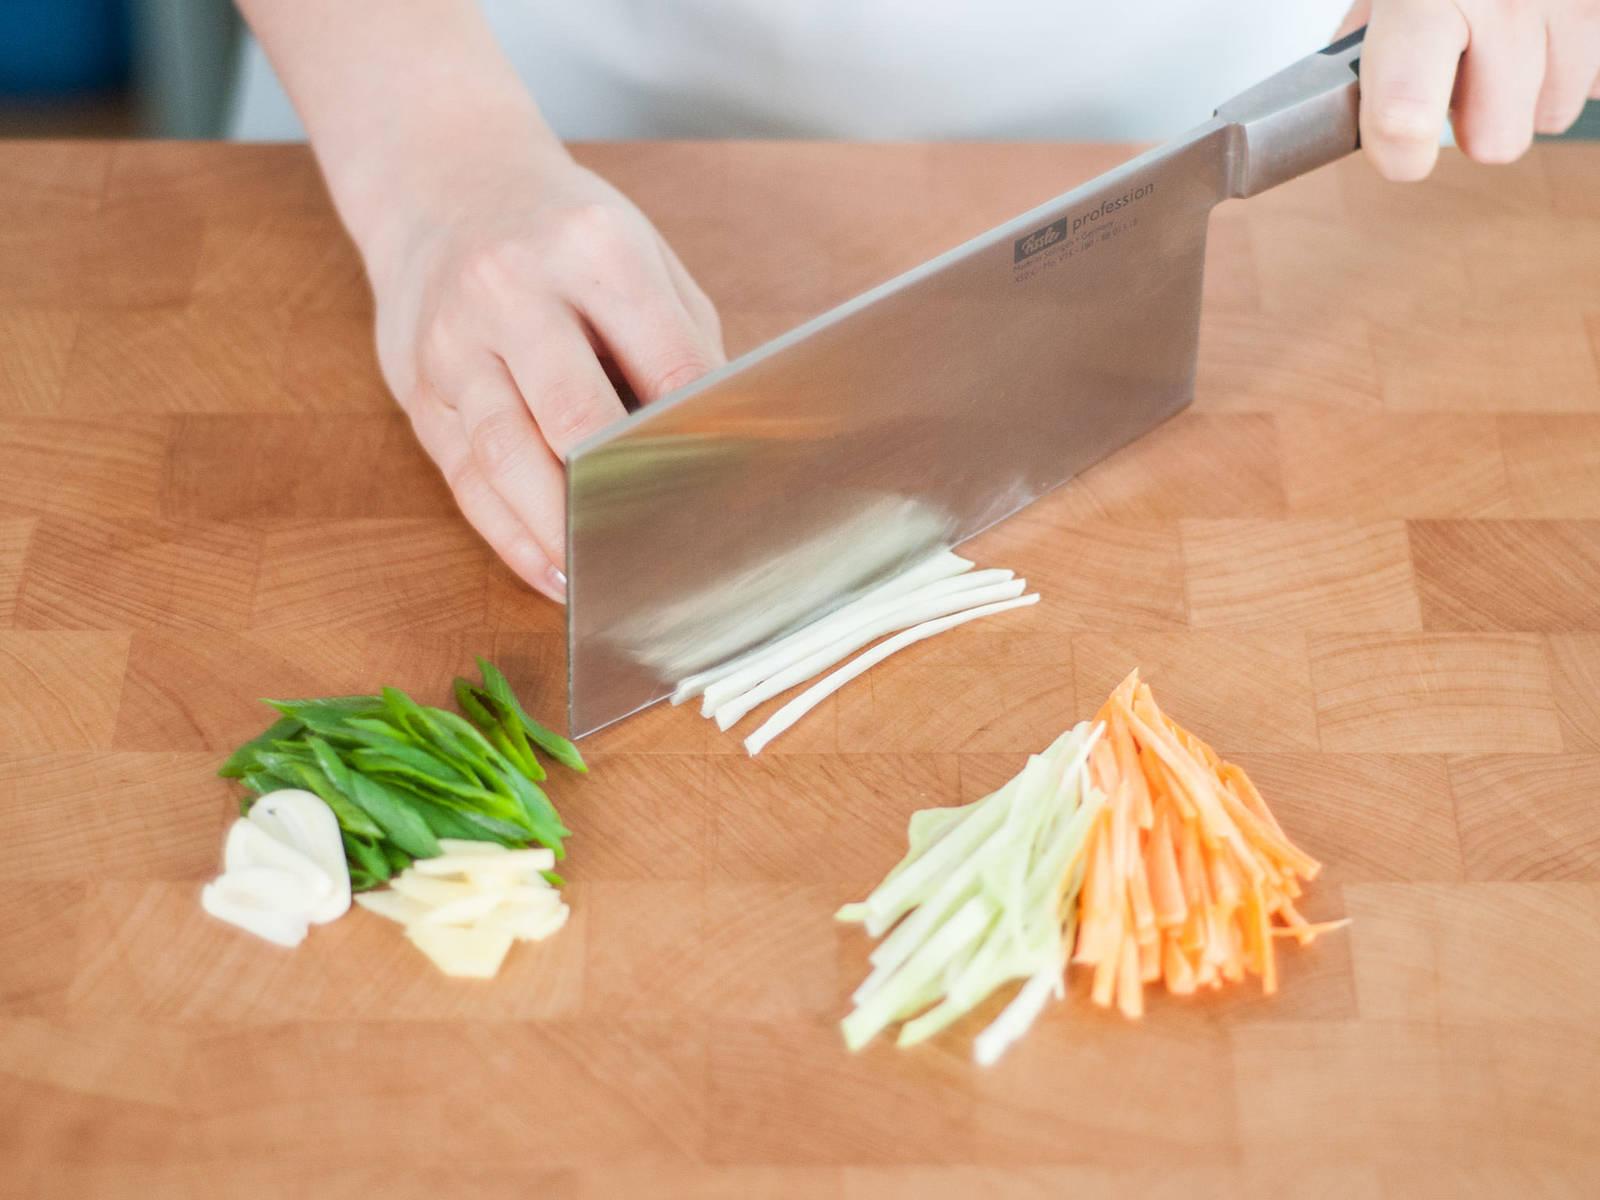 生姜和蒜去皮切片。胡萝卜削皮后切丝,香葱和卷心菜也切丝。